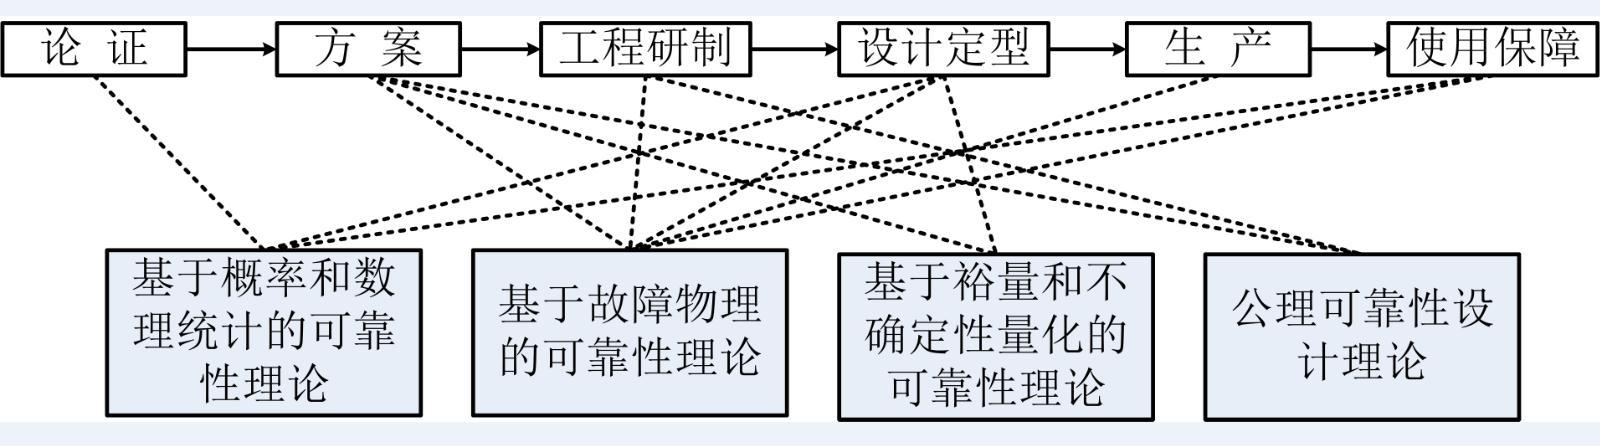 可靠性基础理论综述